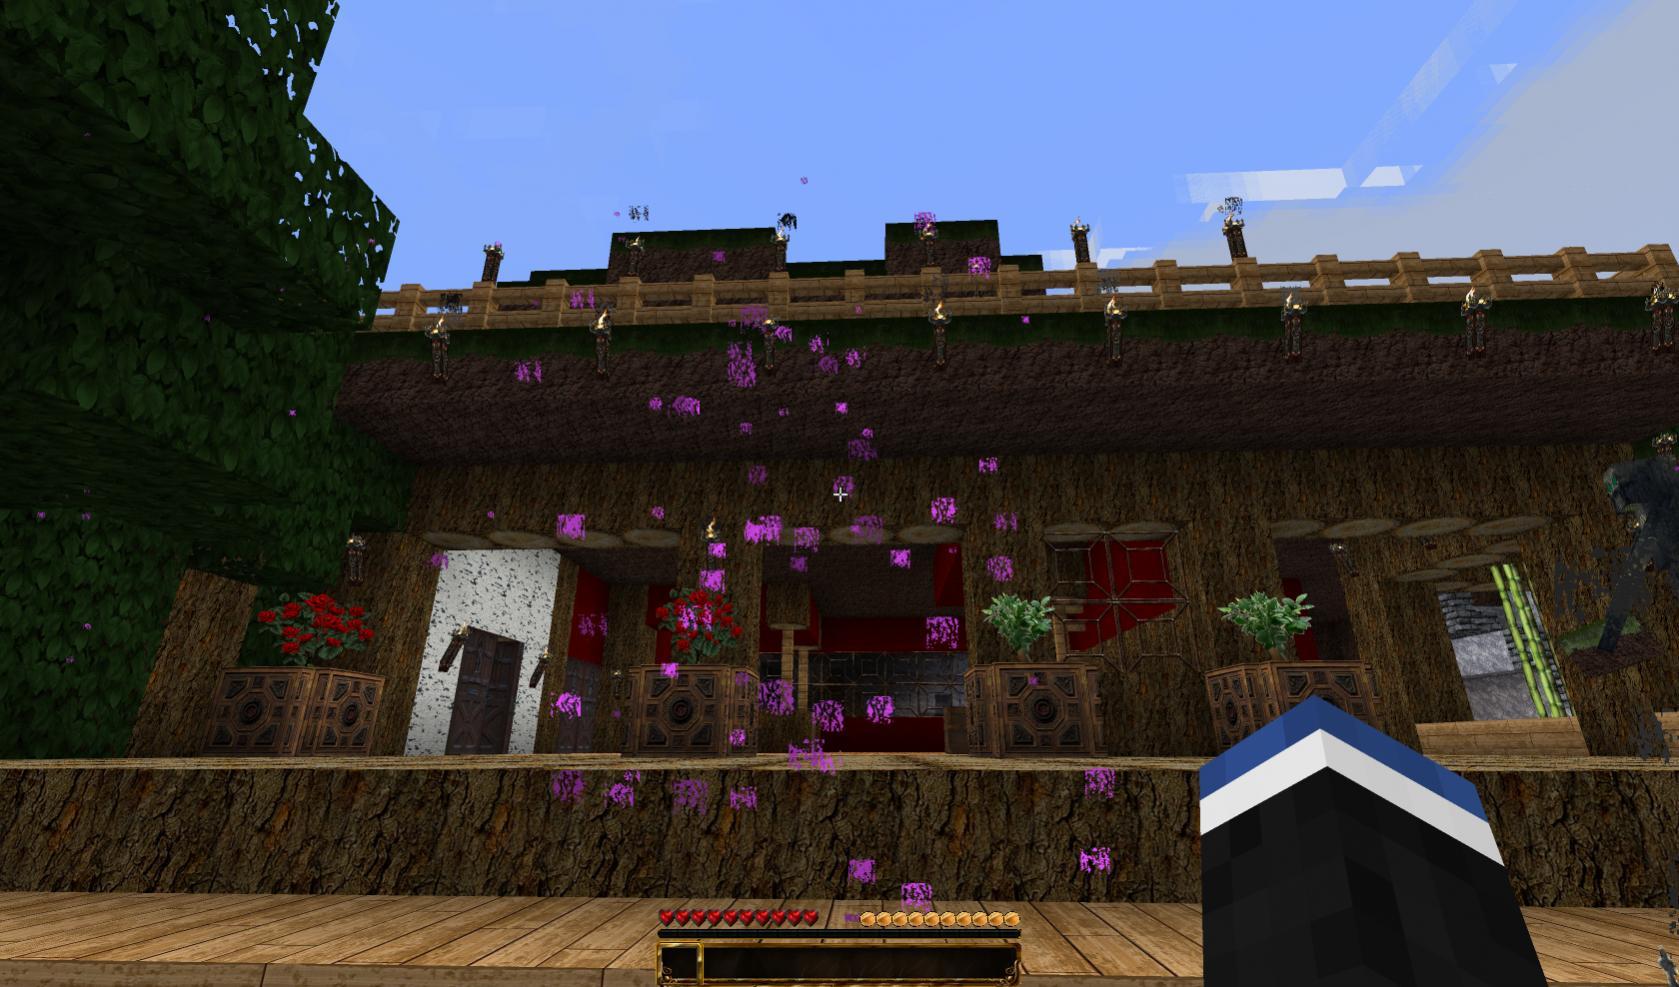 Minecraft bilder thread 2012 01 28 181053jpg picture to - Minecraft bilder ...